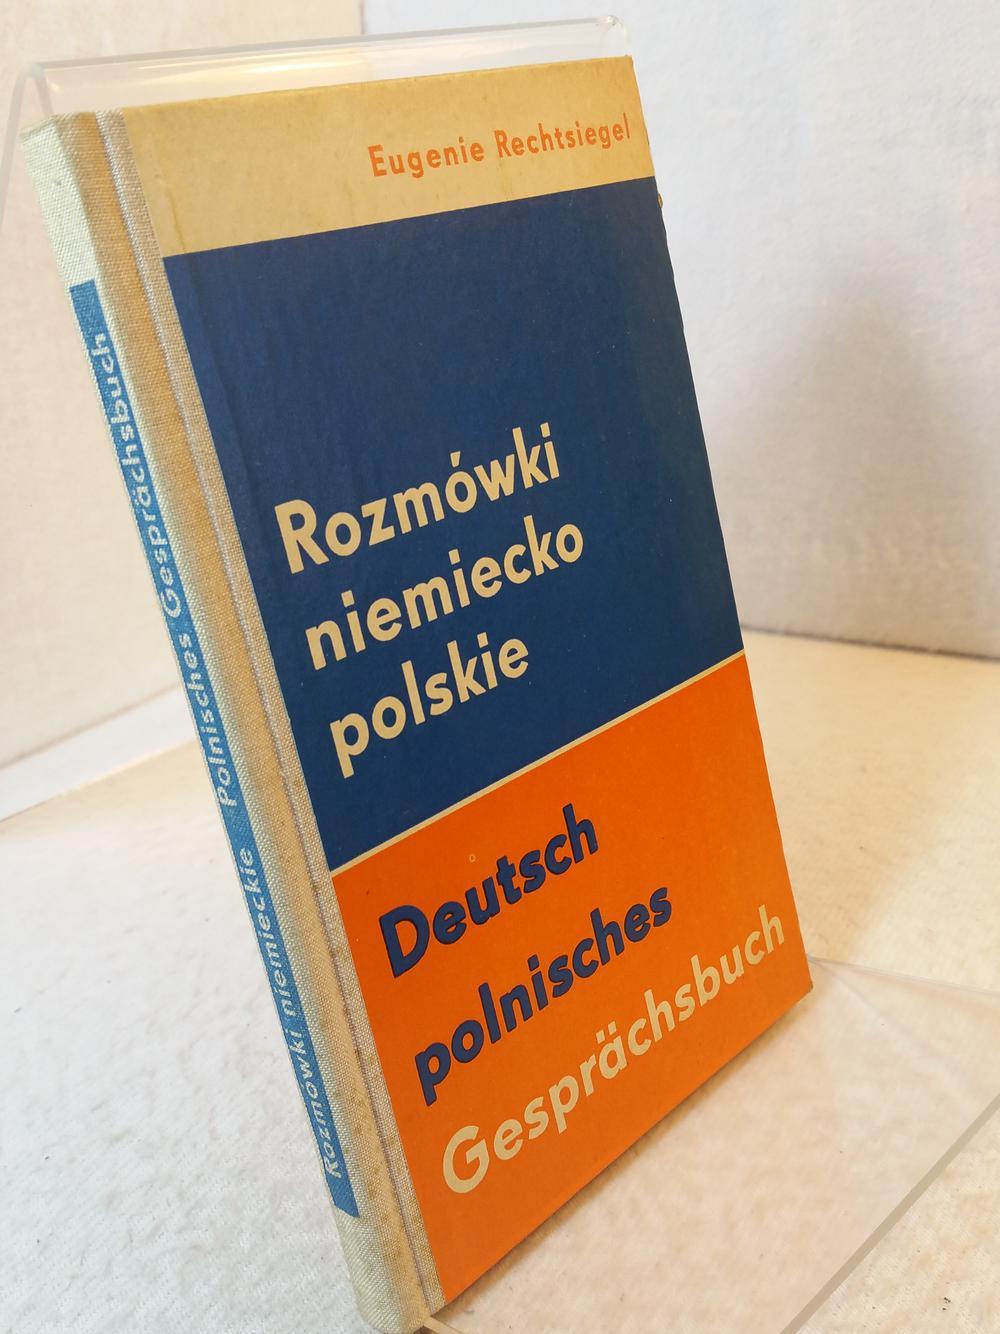 Deutsch-polnisches Gesprächsbuch = Rozmówki niemiecko-polskie Sprachen für: Rechtsiegel, Eugenie: